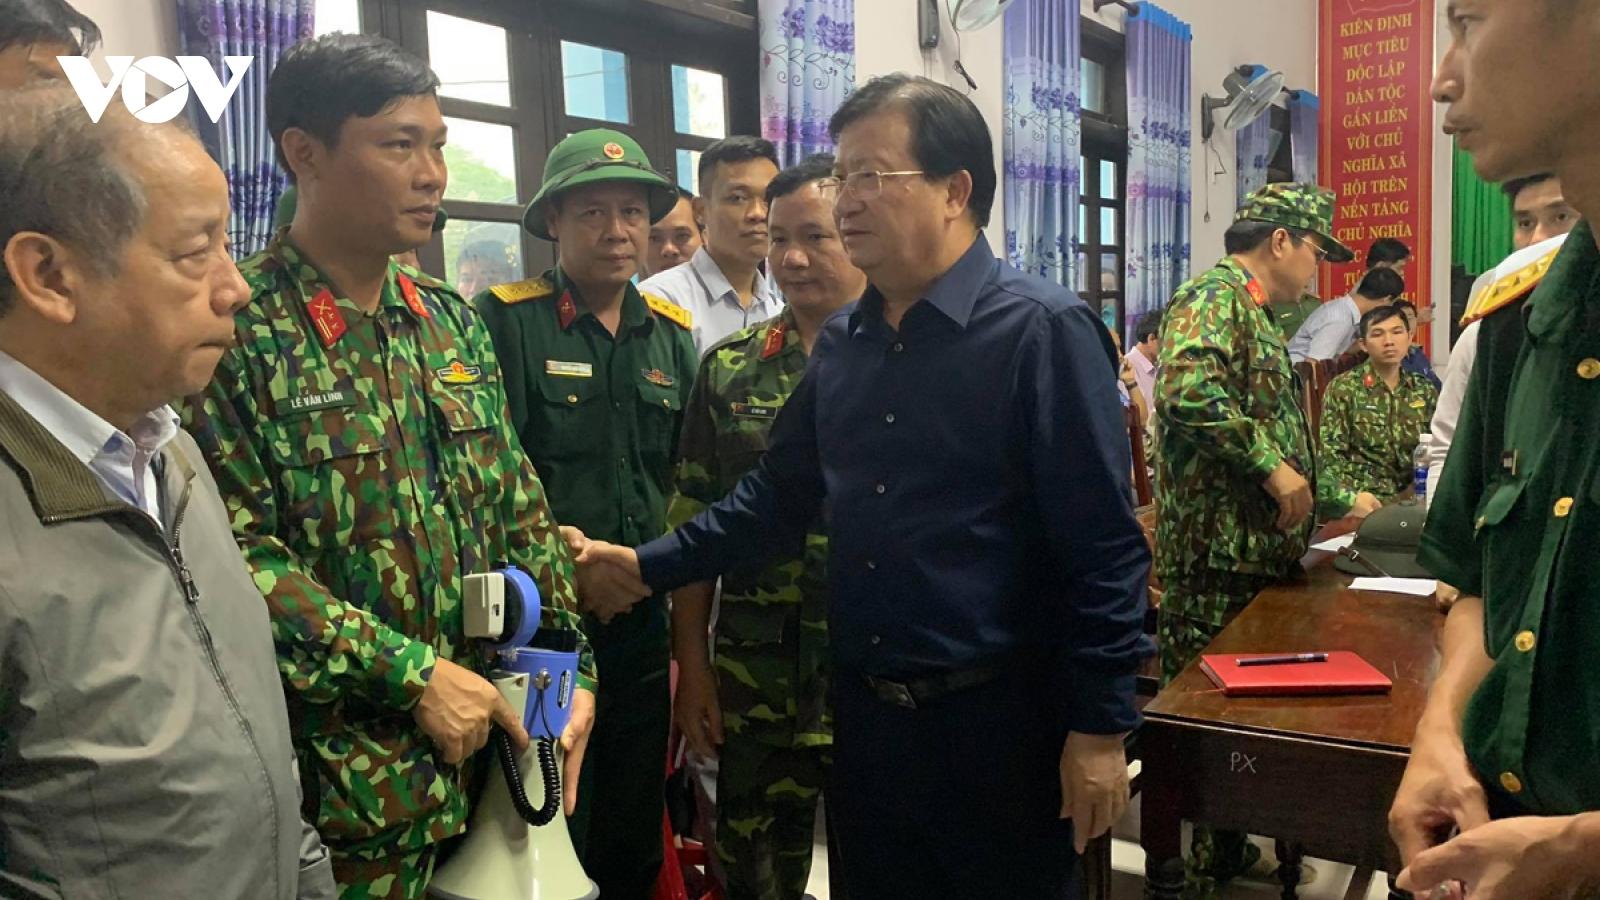 Phó Thủ tướng Trịnh Đình Dũngtrực tiếp chỉ đạo cứu nạn tại thủy điện Rào Trăng 3